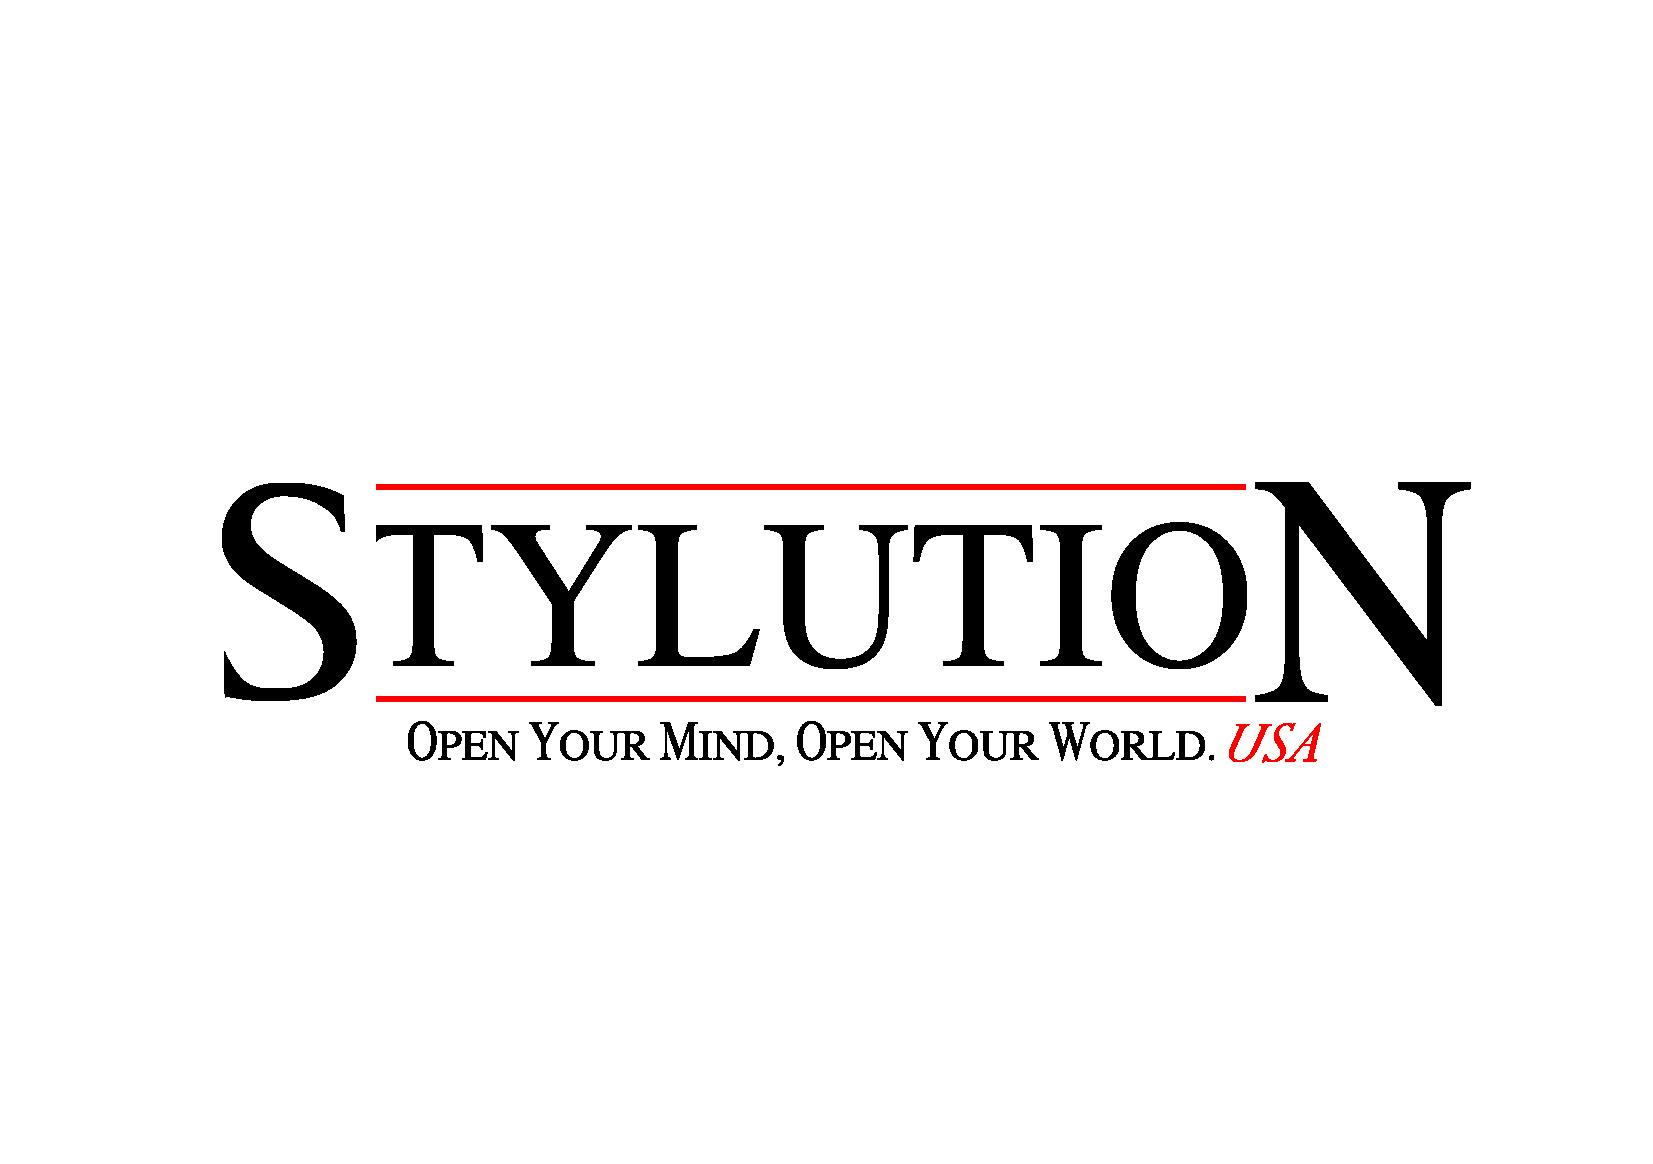 Stylution